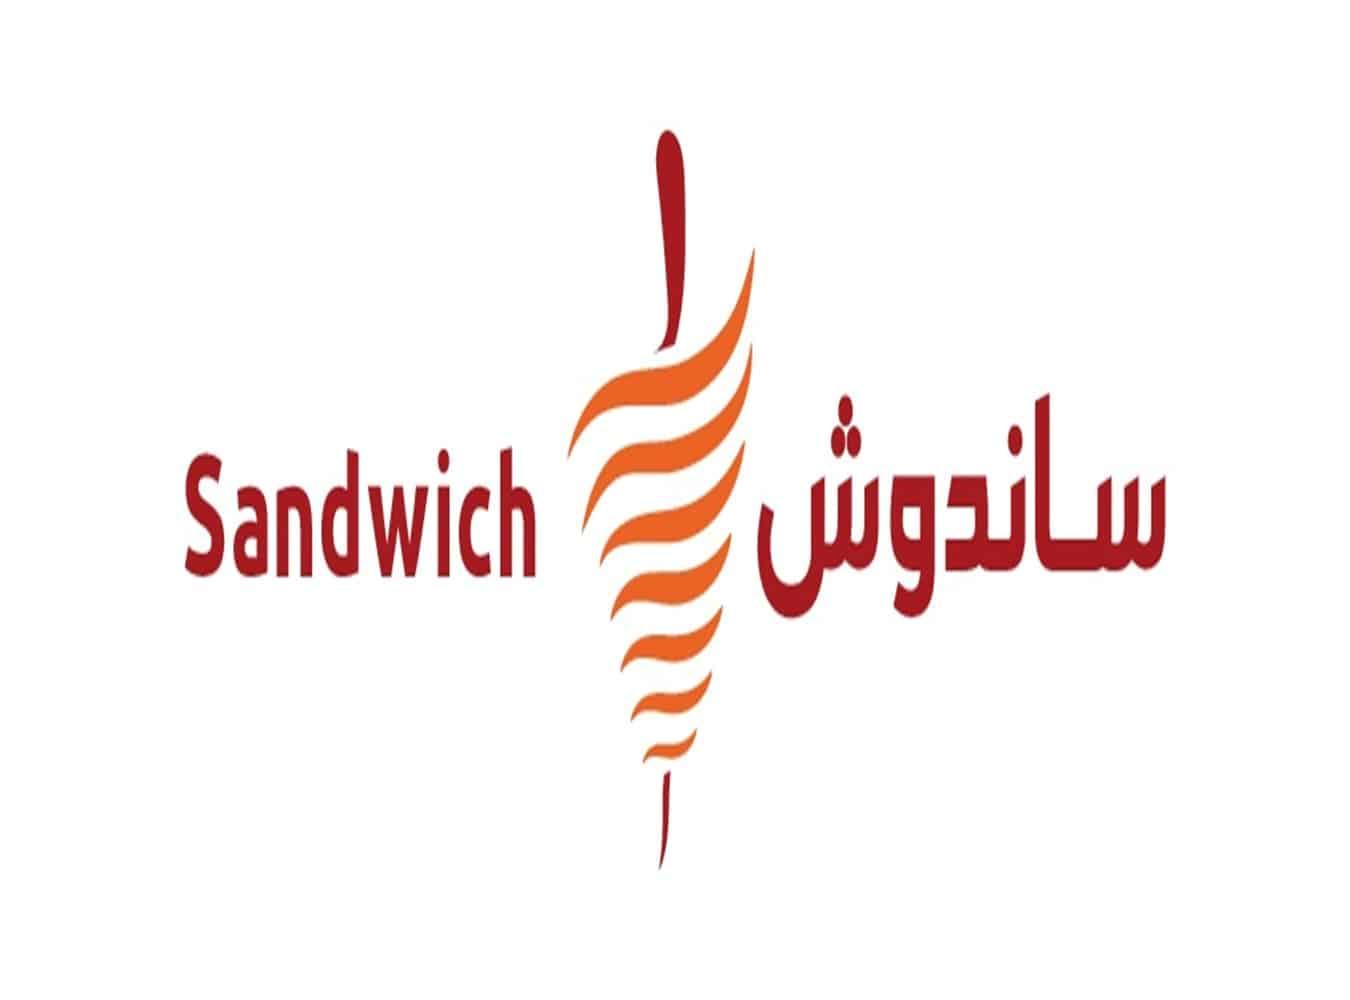 مطعم sandwich المدينة